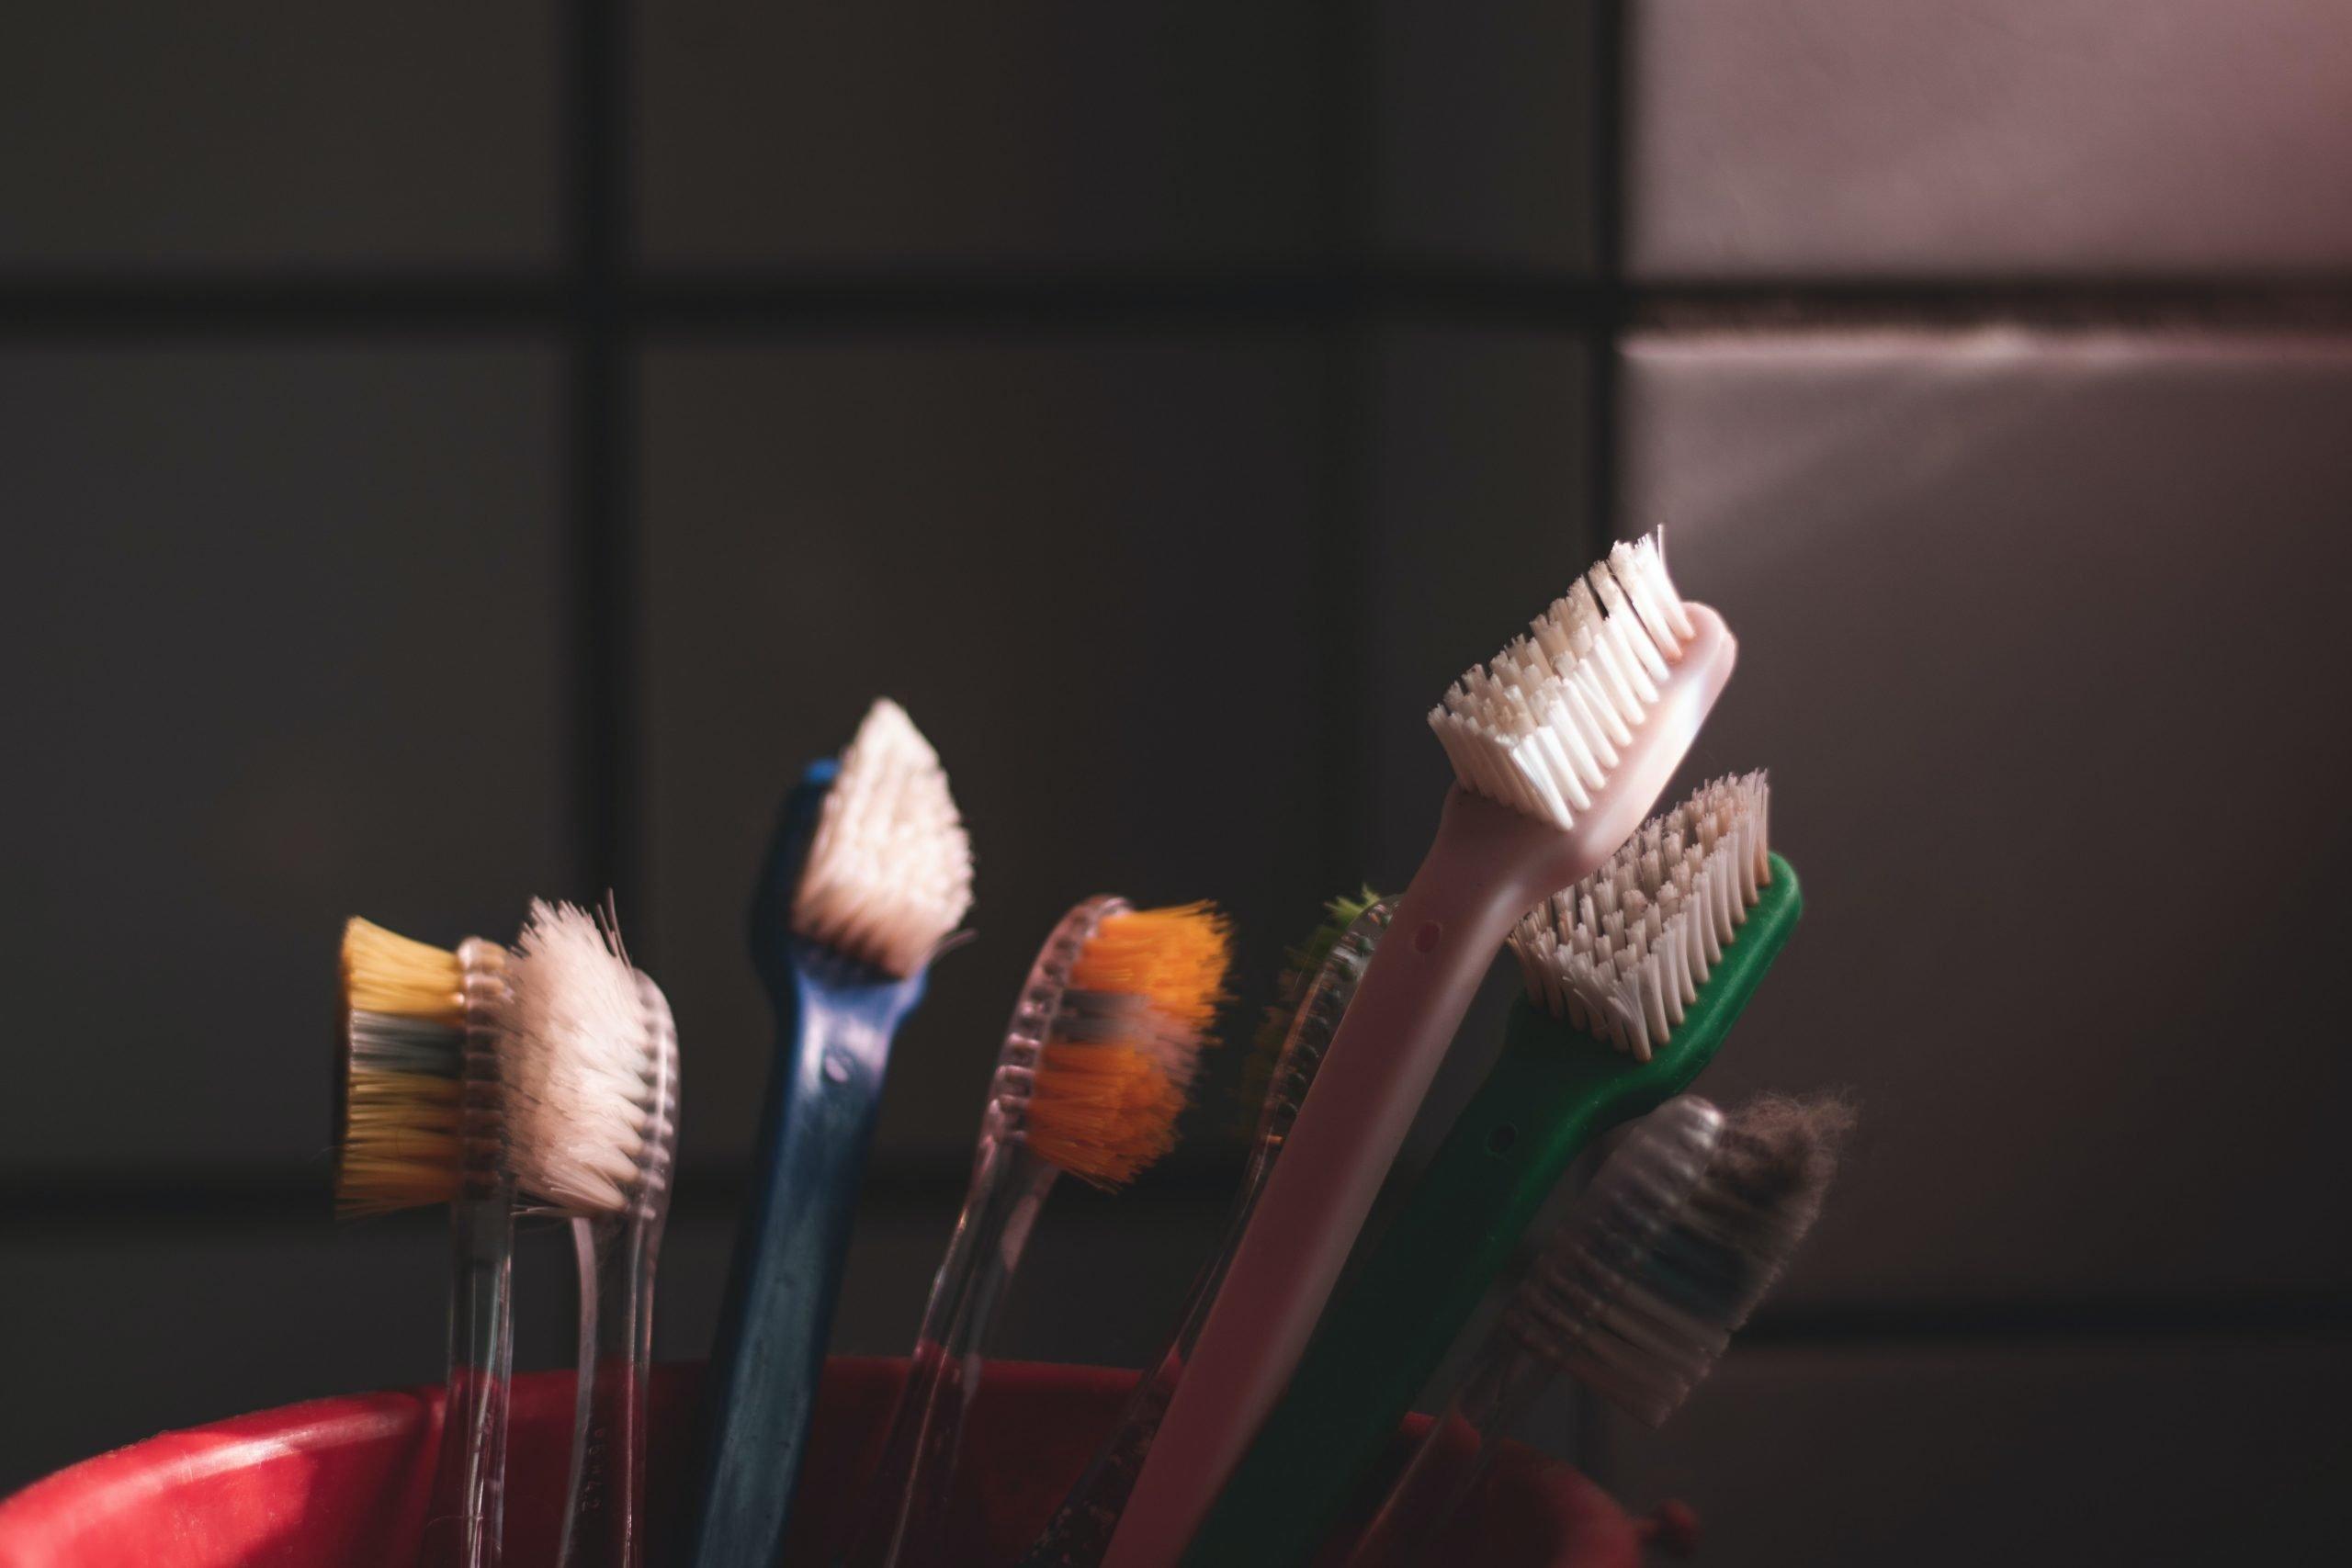 Brushing For White Teeth